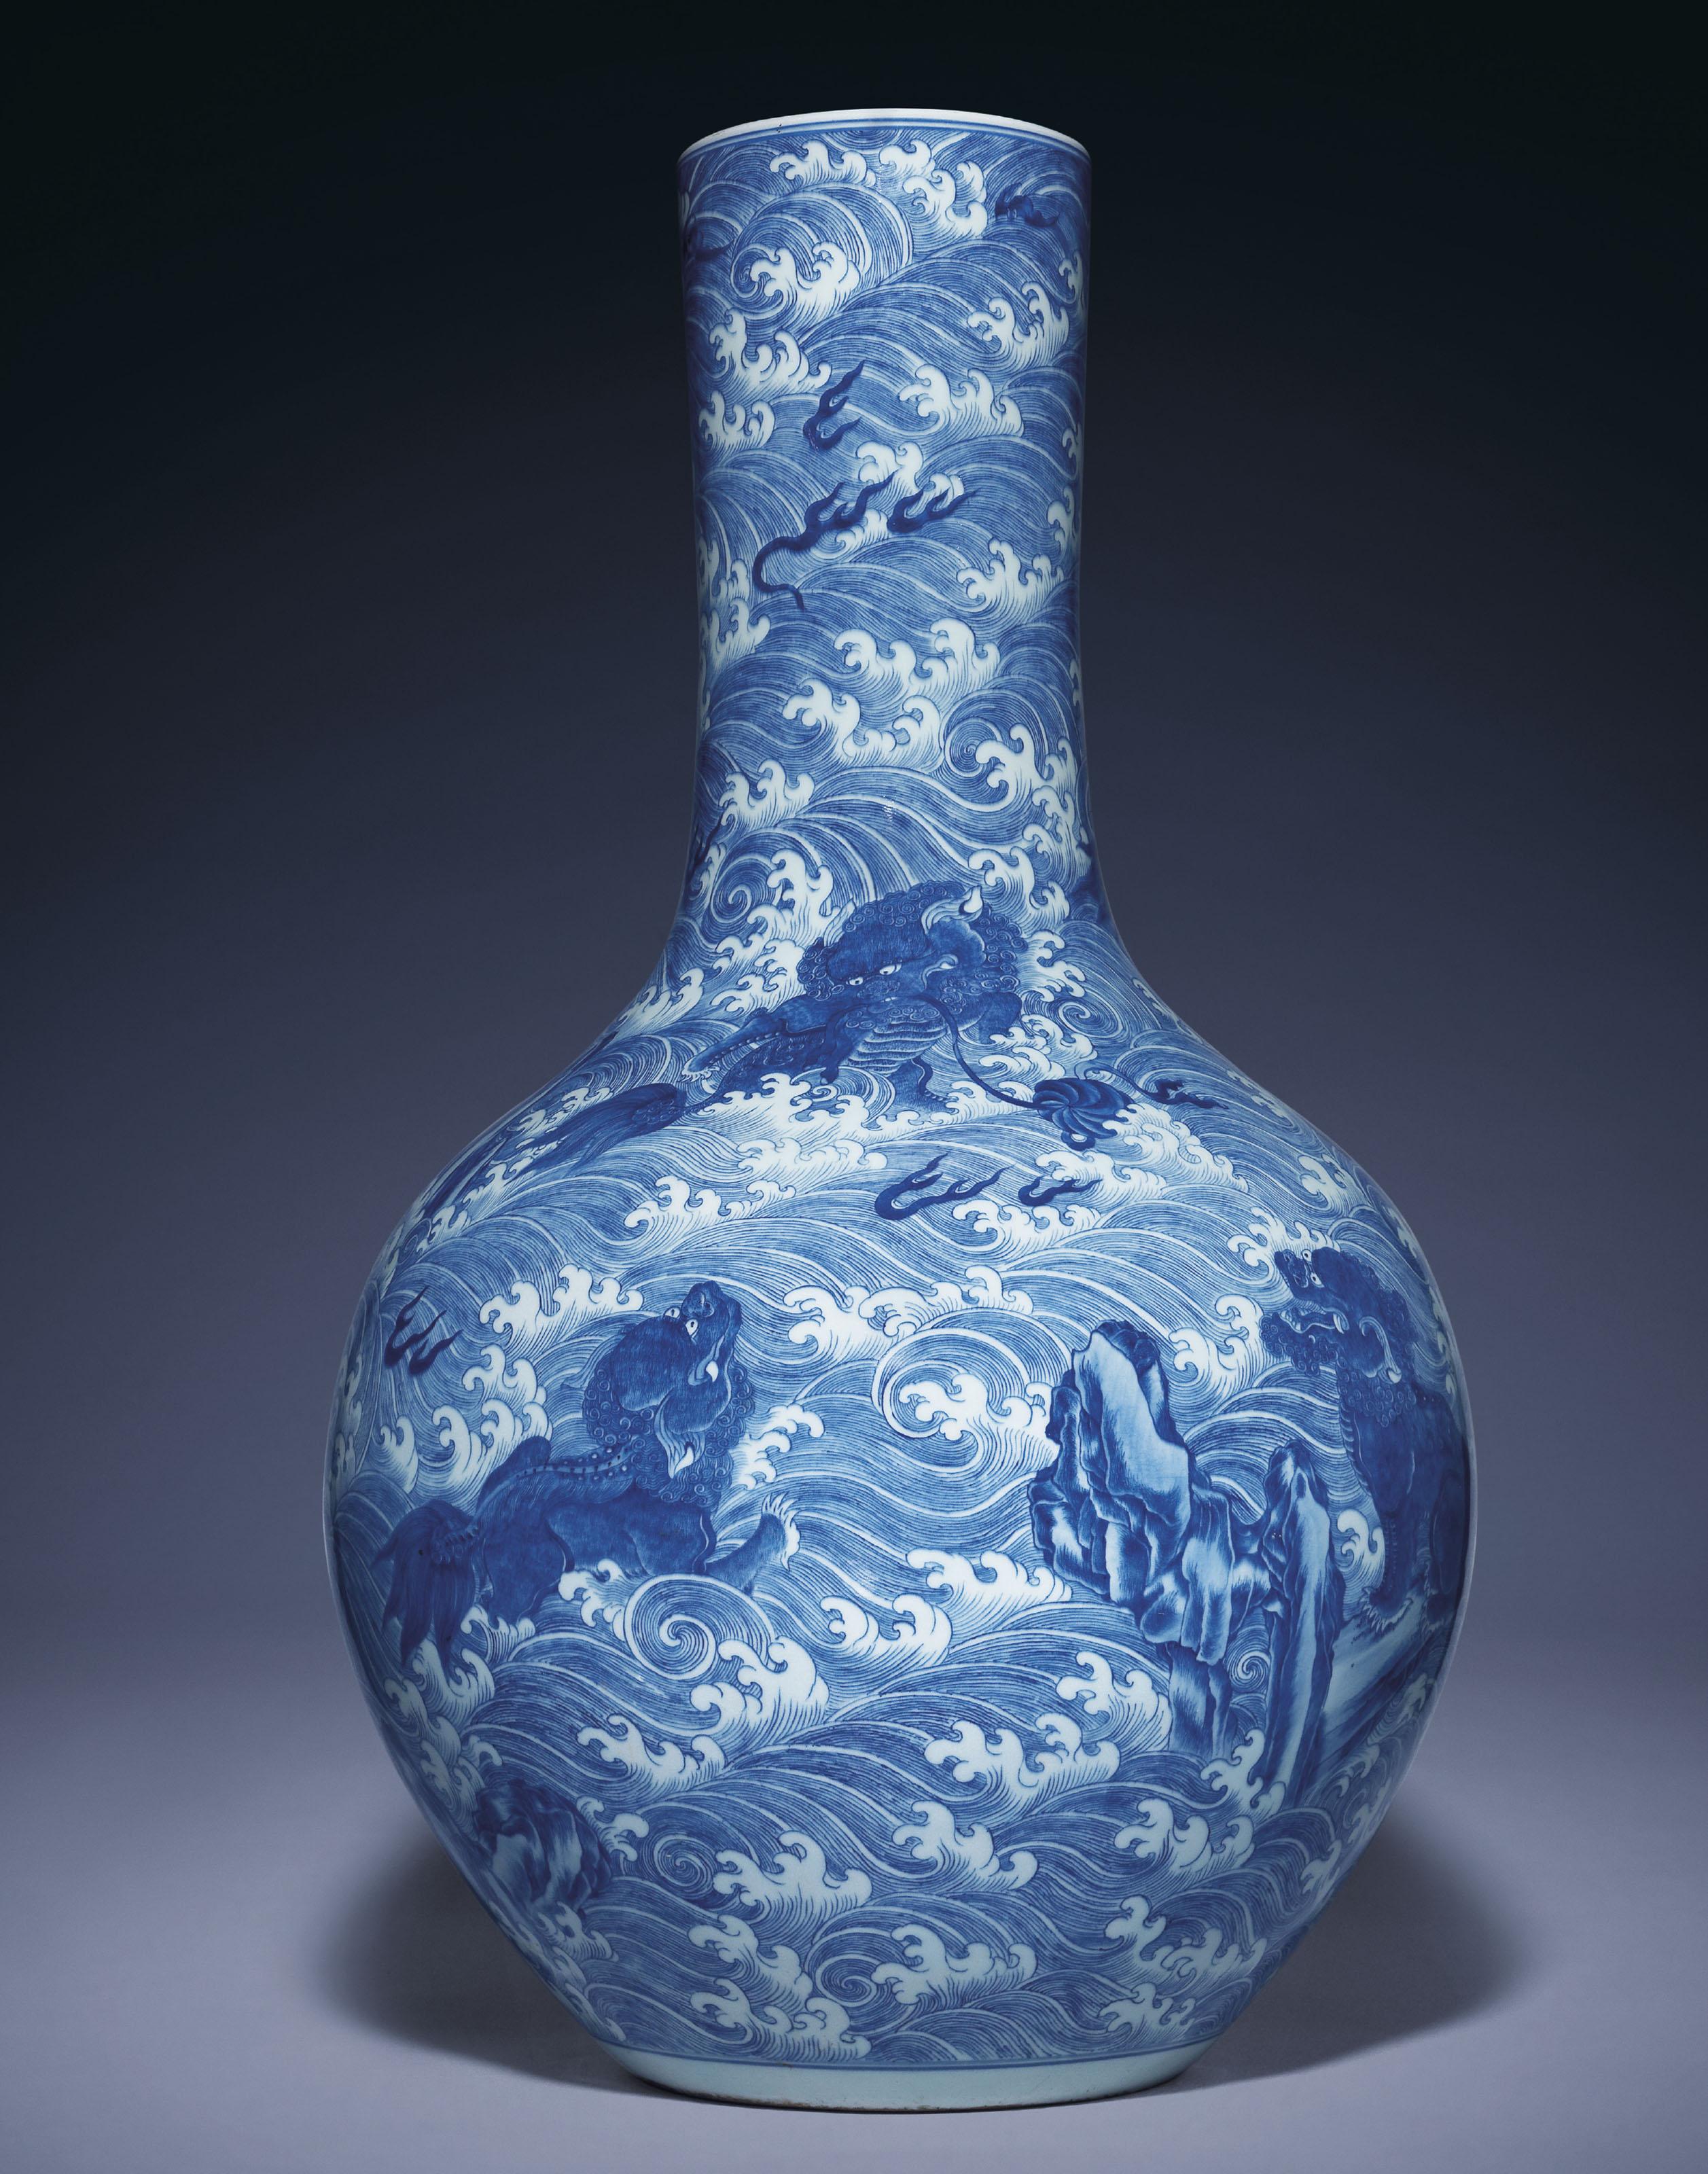 A MASSIVE BLUE AND WHITE BOTTL